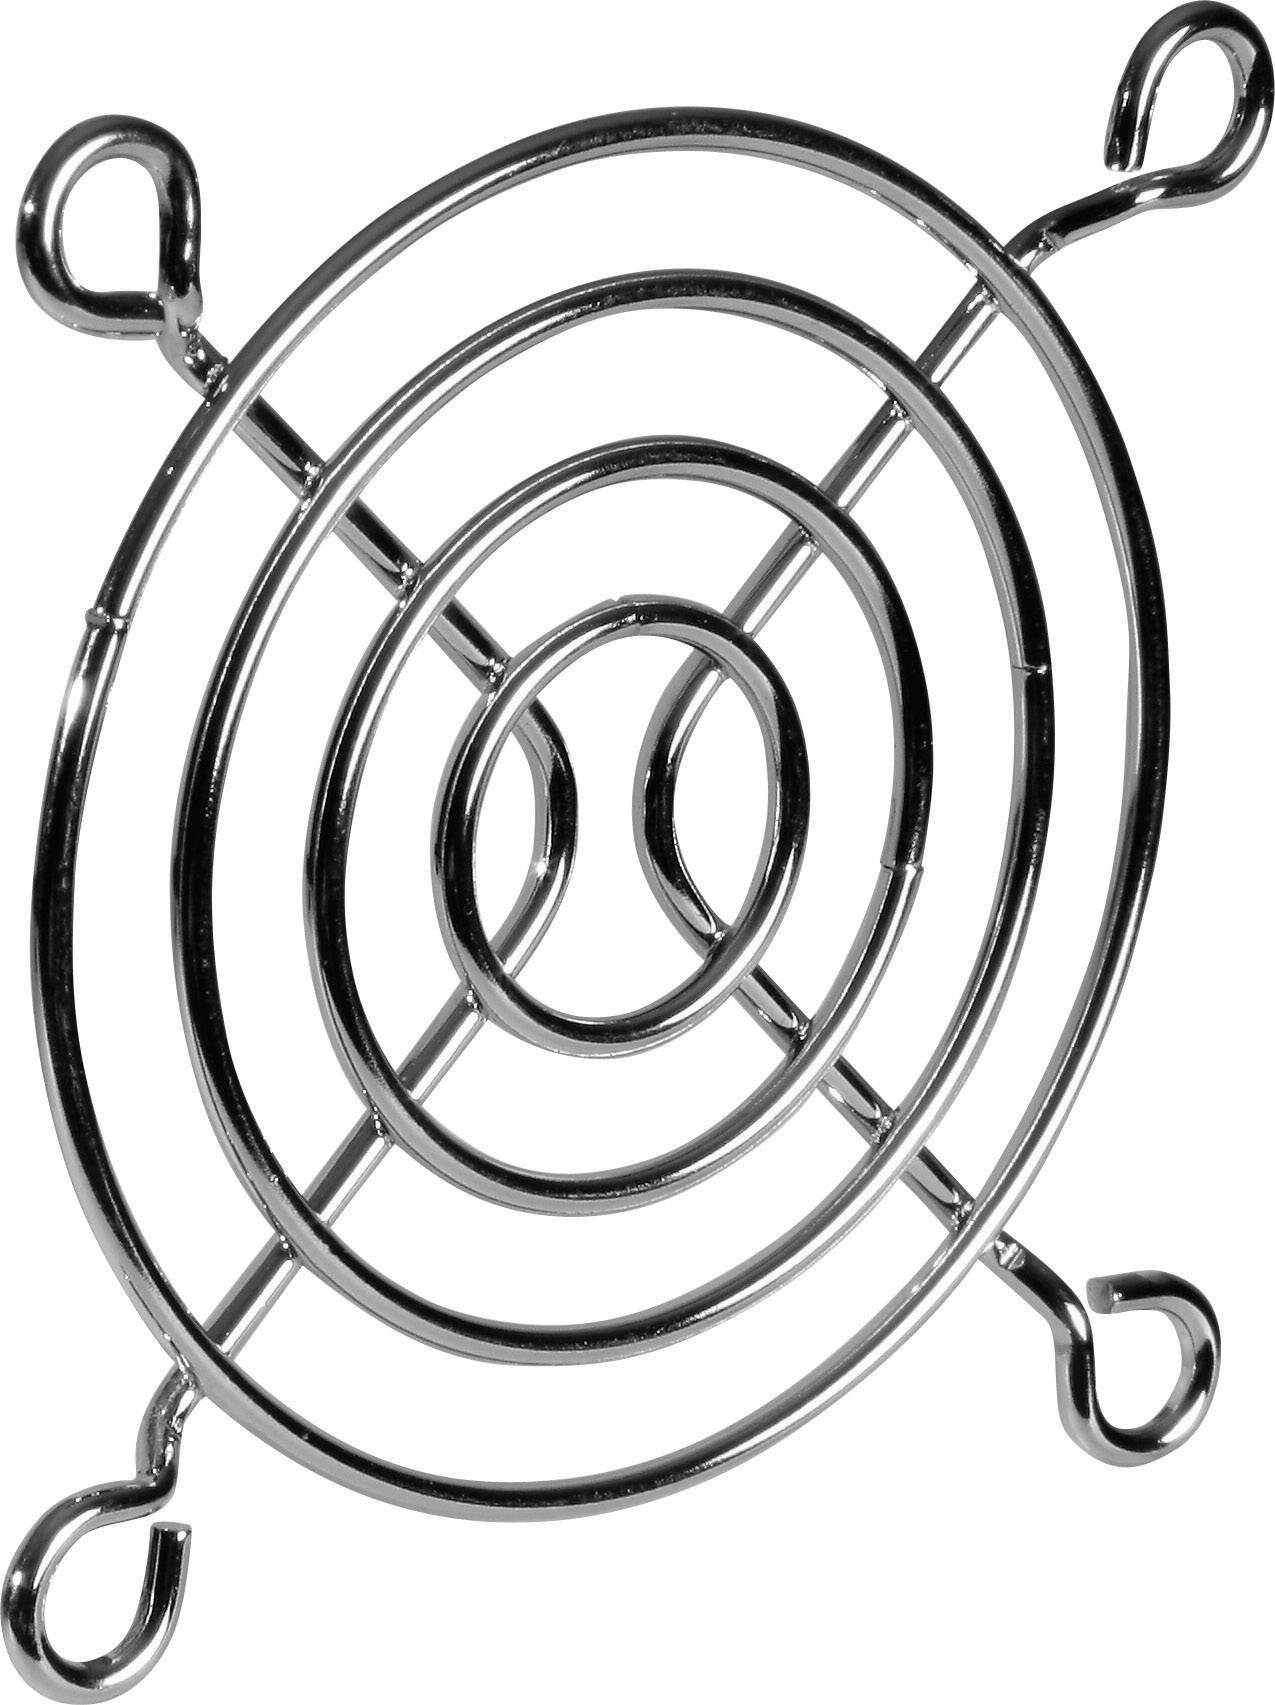 Ochranná mřížka ventilátoru SEPA FG25, 25 mm x 25 mm